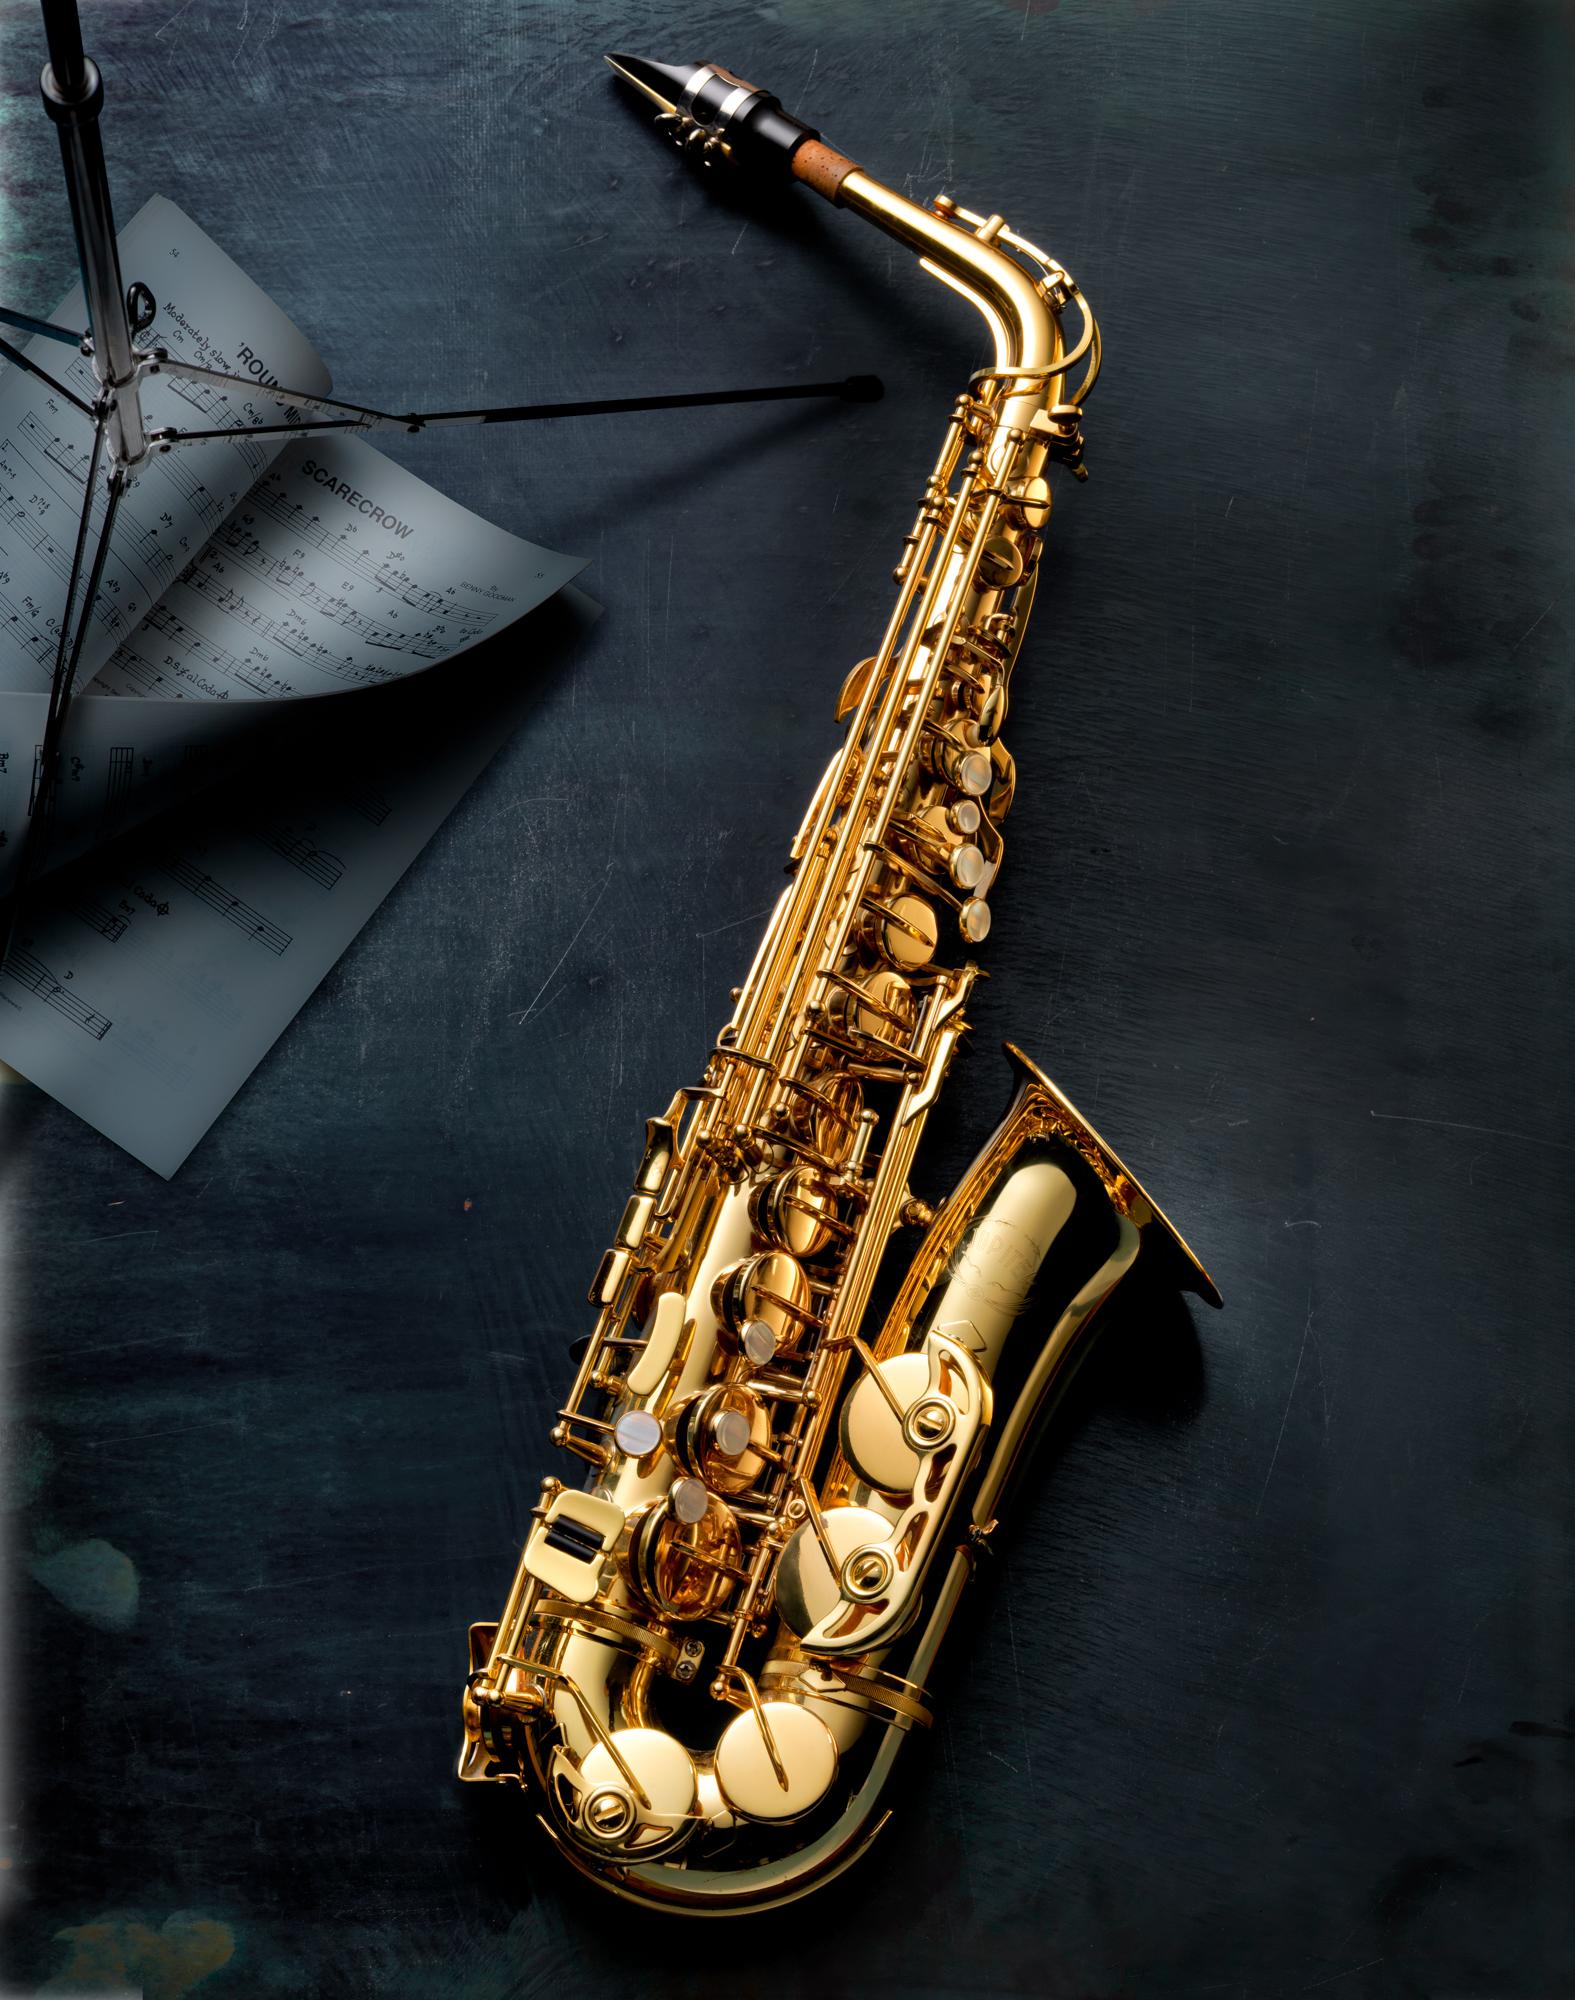 Saxofon, Workshop, Still Life, Fotograf, Zürich, Schweiz